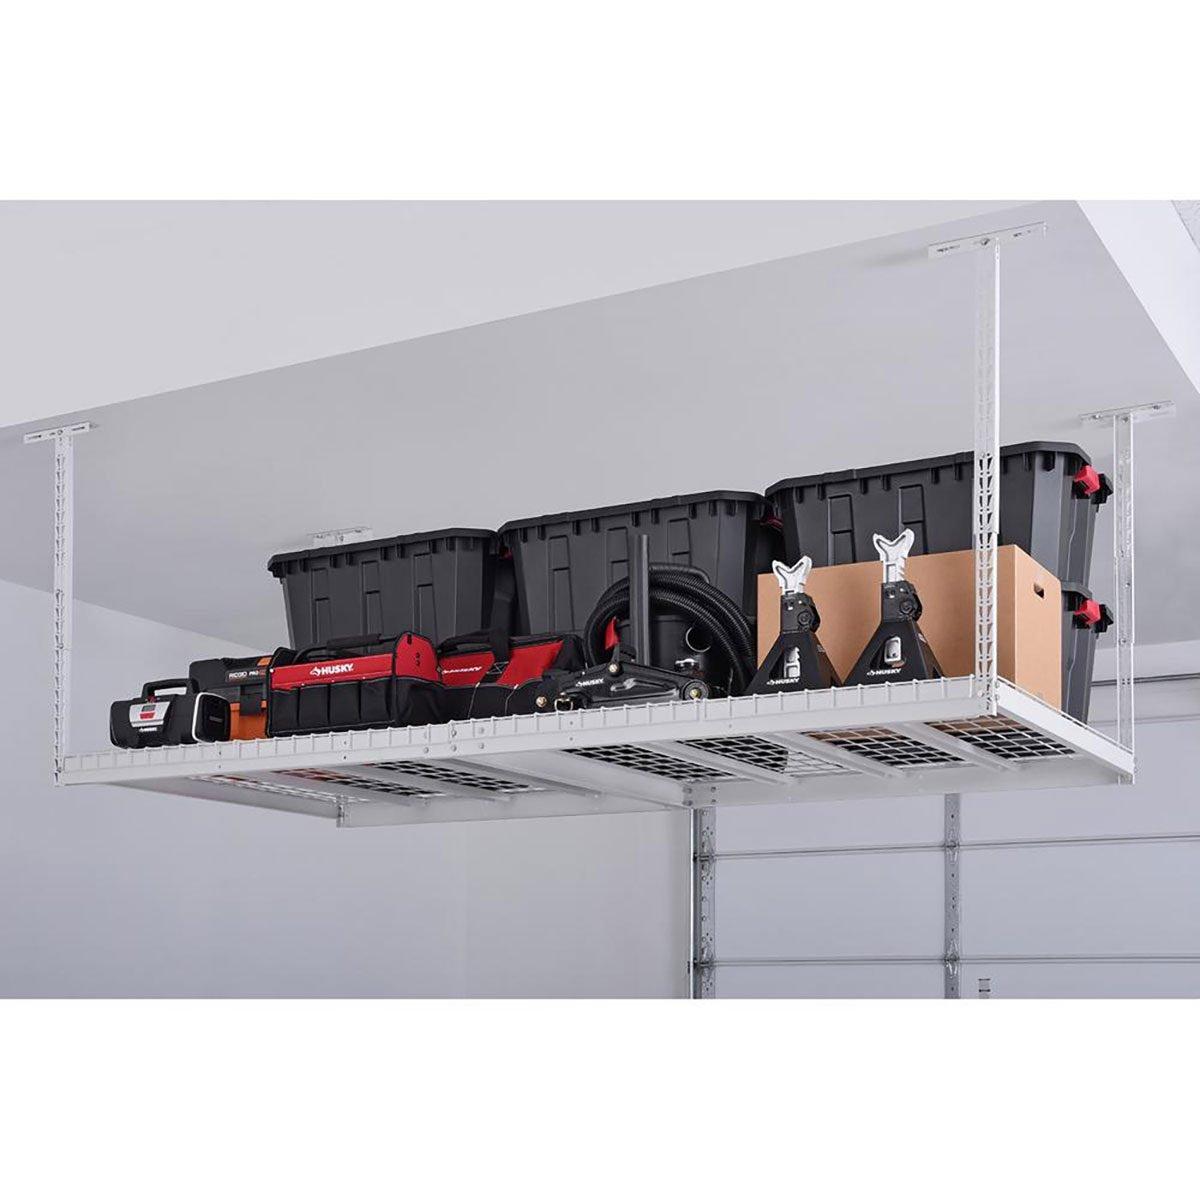 Ceiling shelf